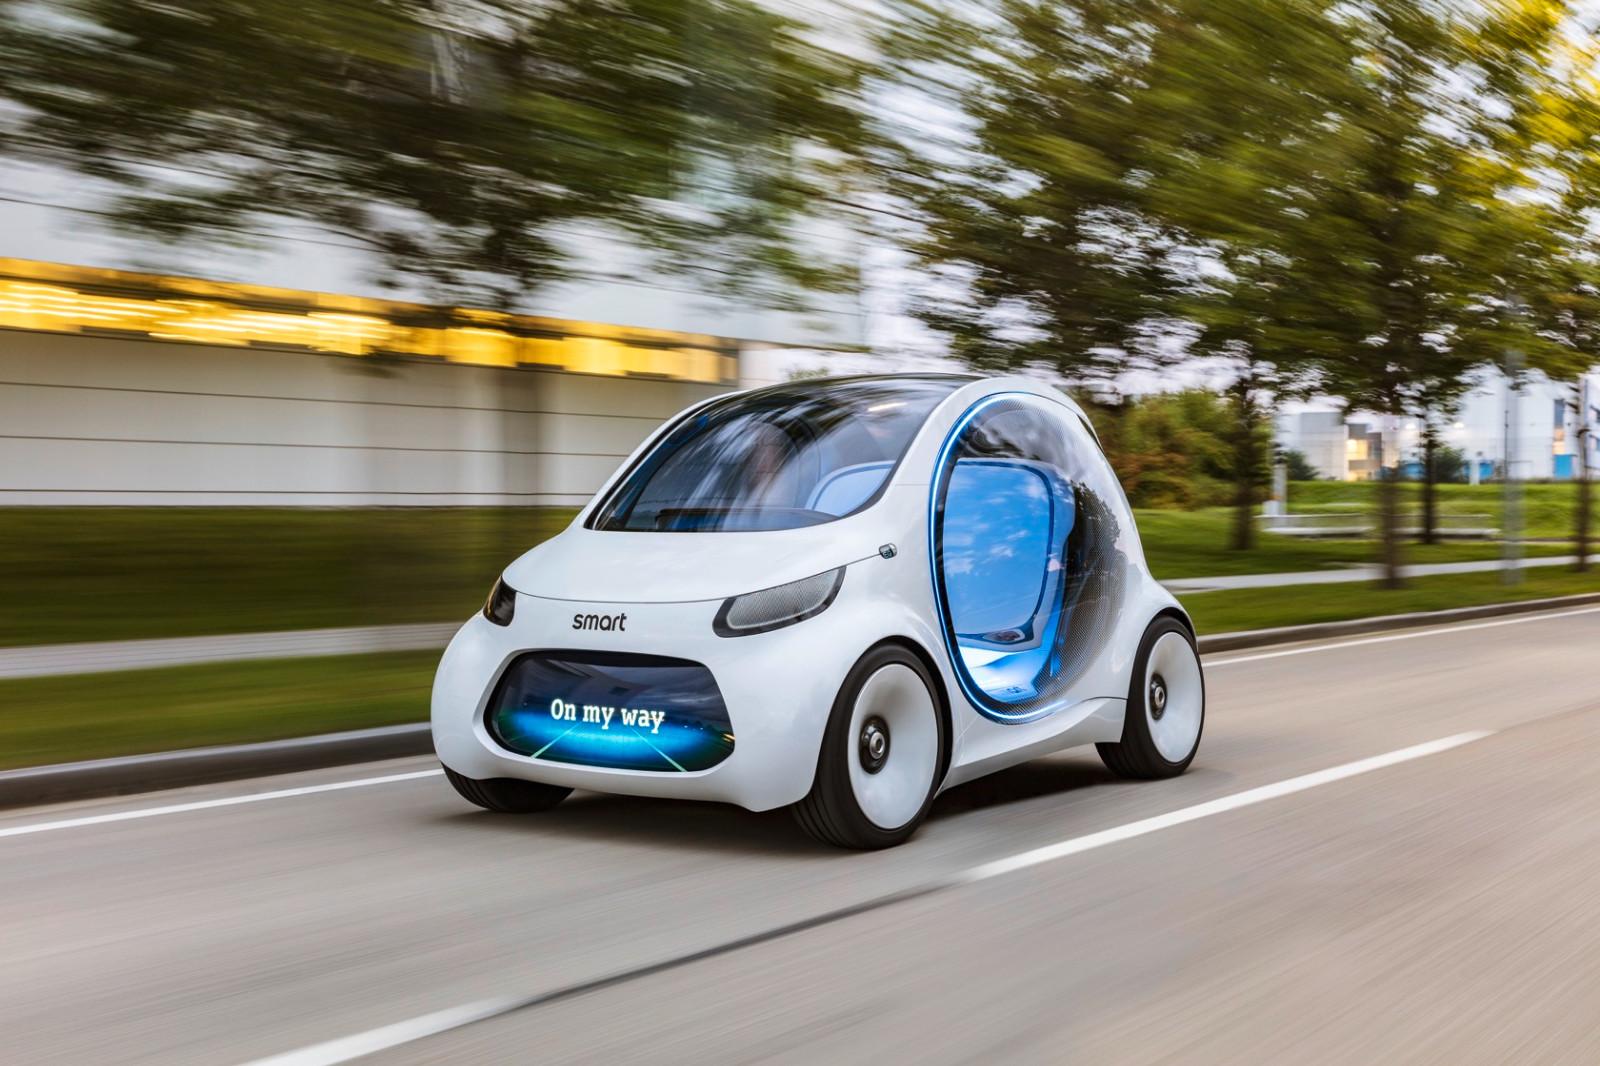 自动驾驶概念车设计,未来出行新方式无人驾驶的汽车